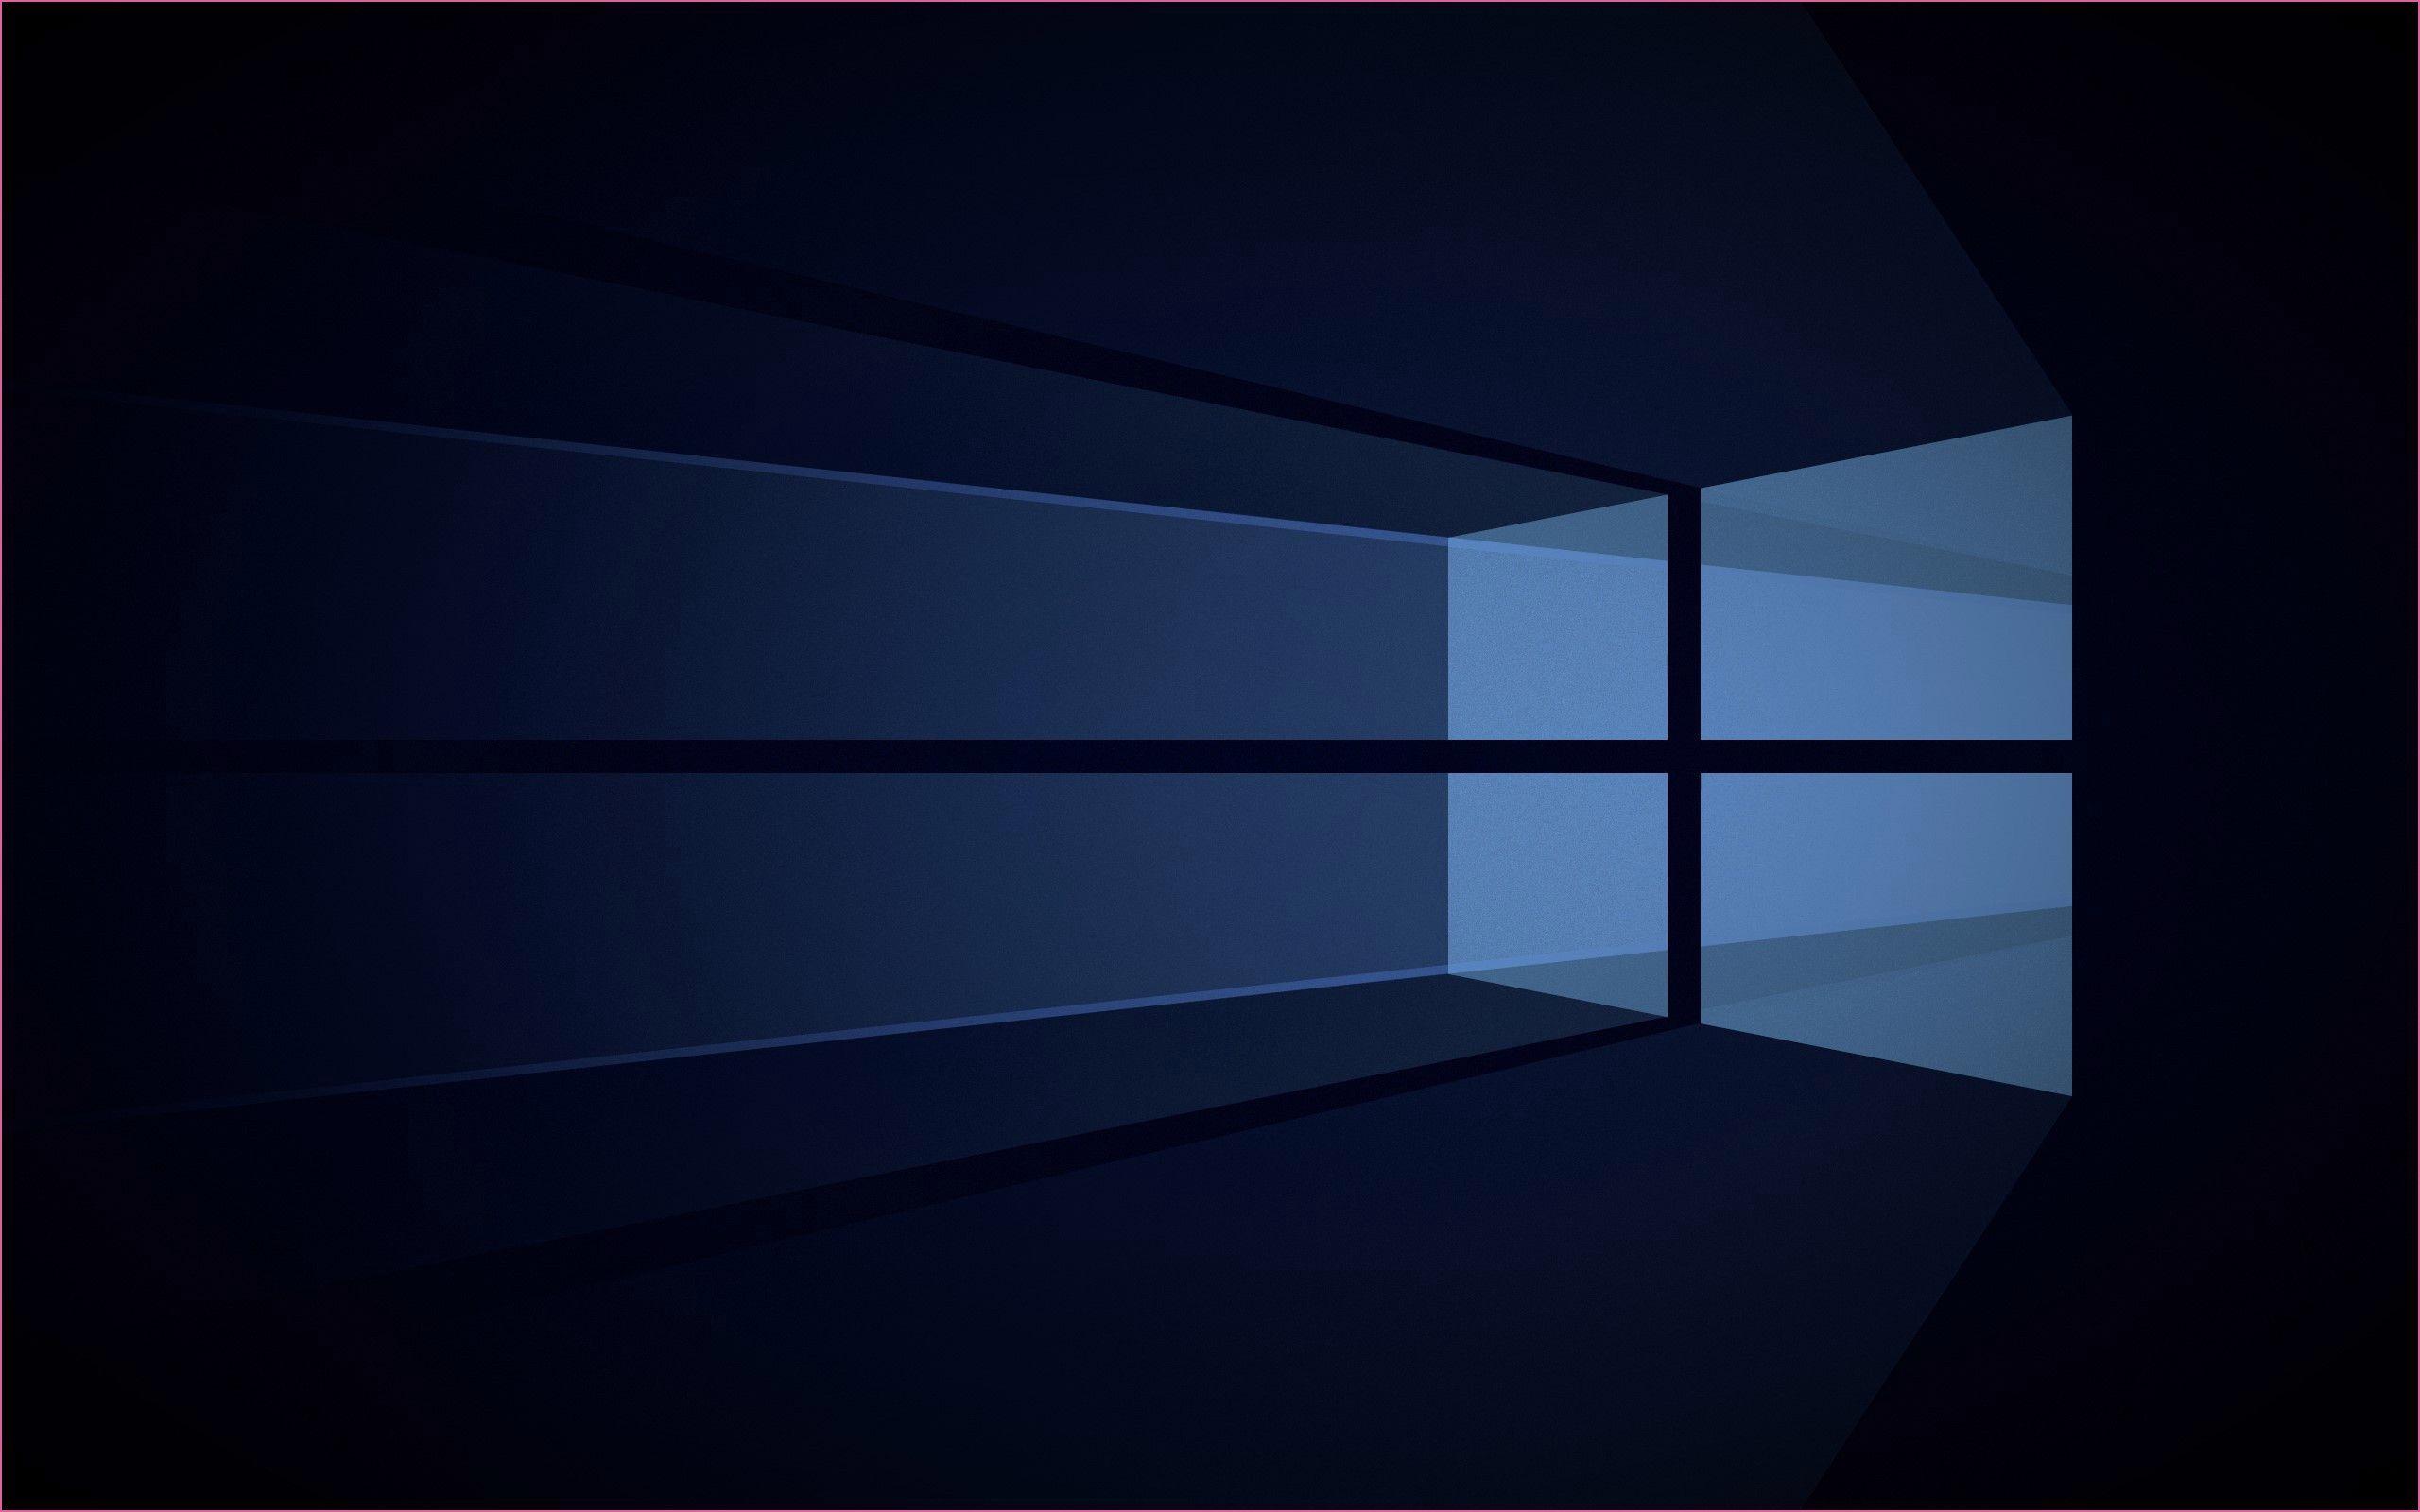 4k Hintergrundbilder Windows 10 Trend In 2020 Minimalist Wallpaper Windows Wallpaper Wallpaper